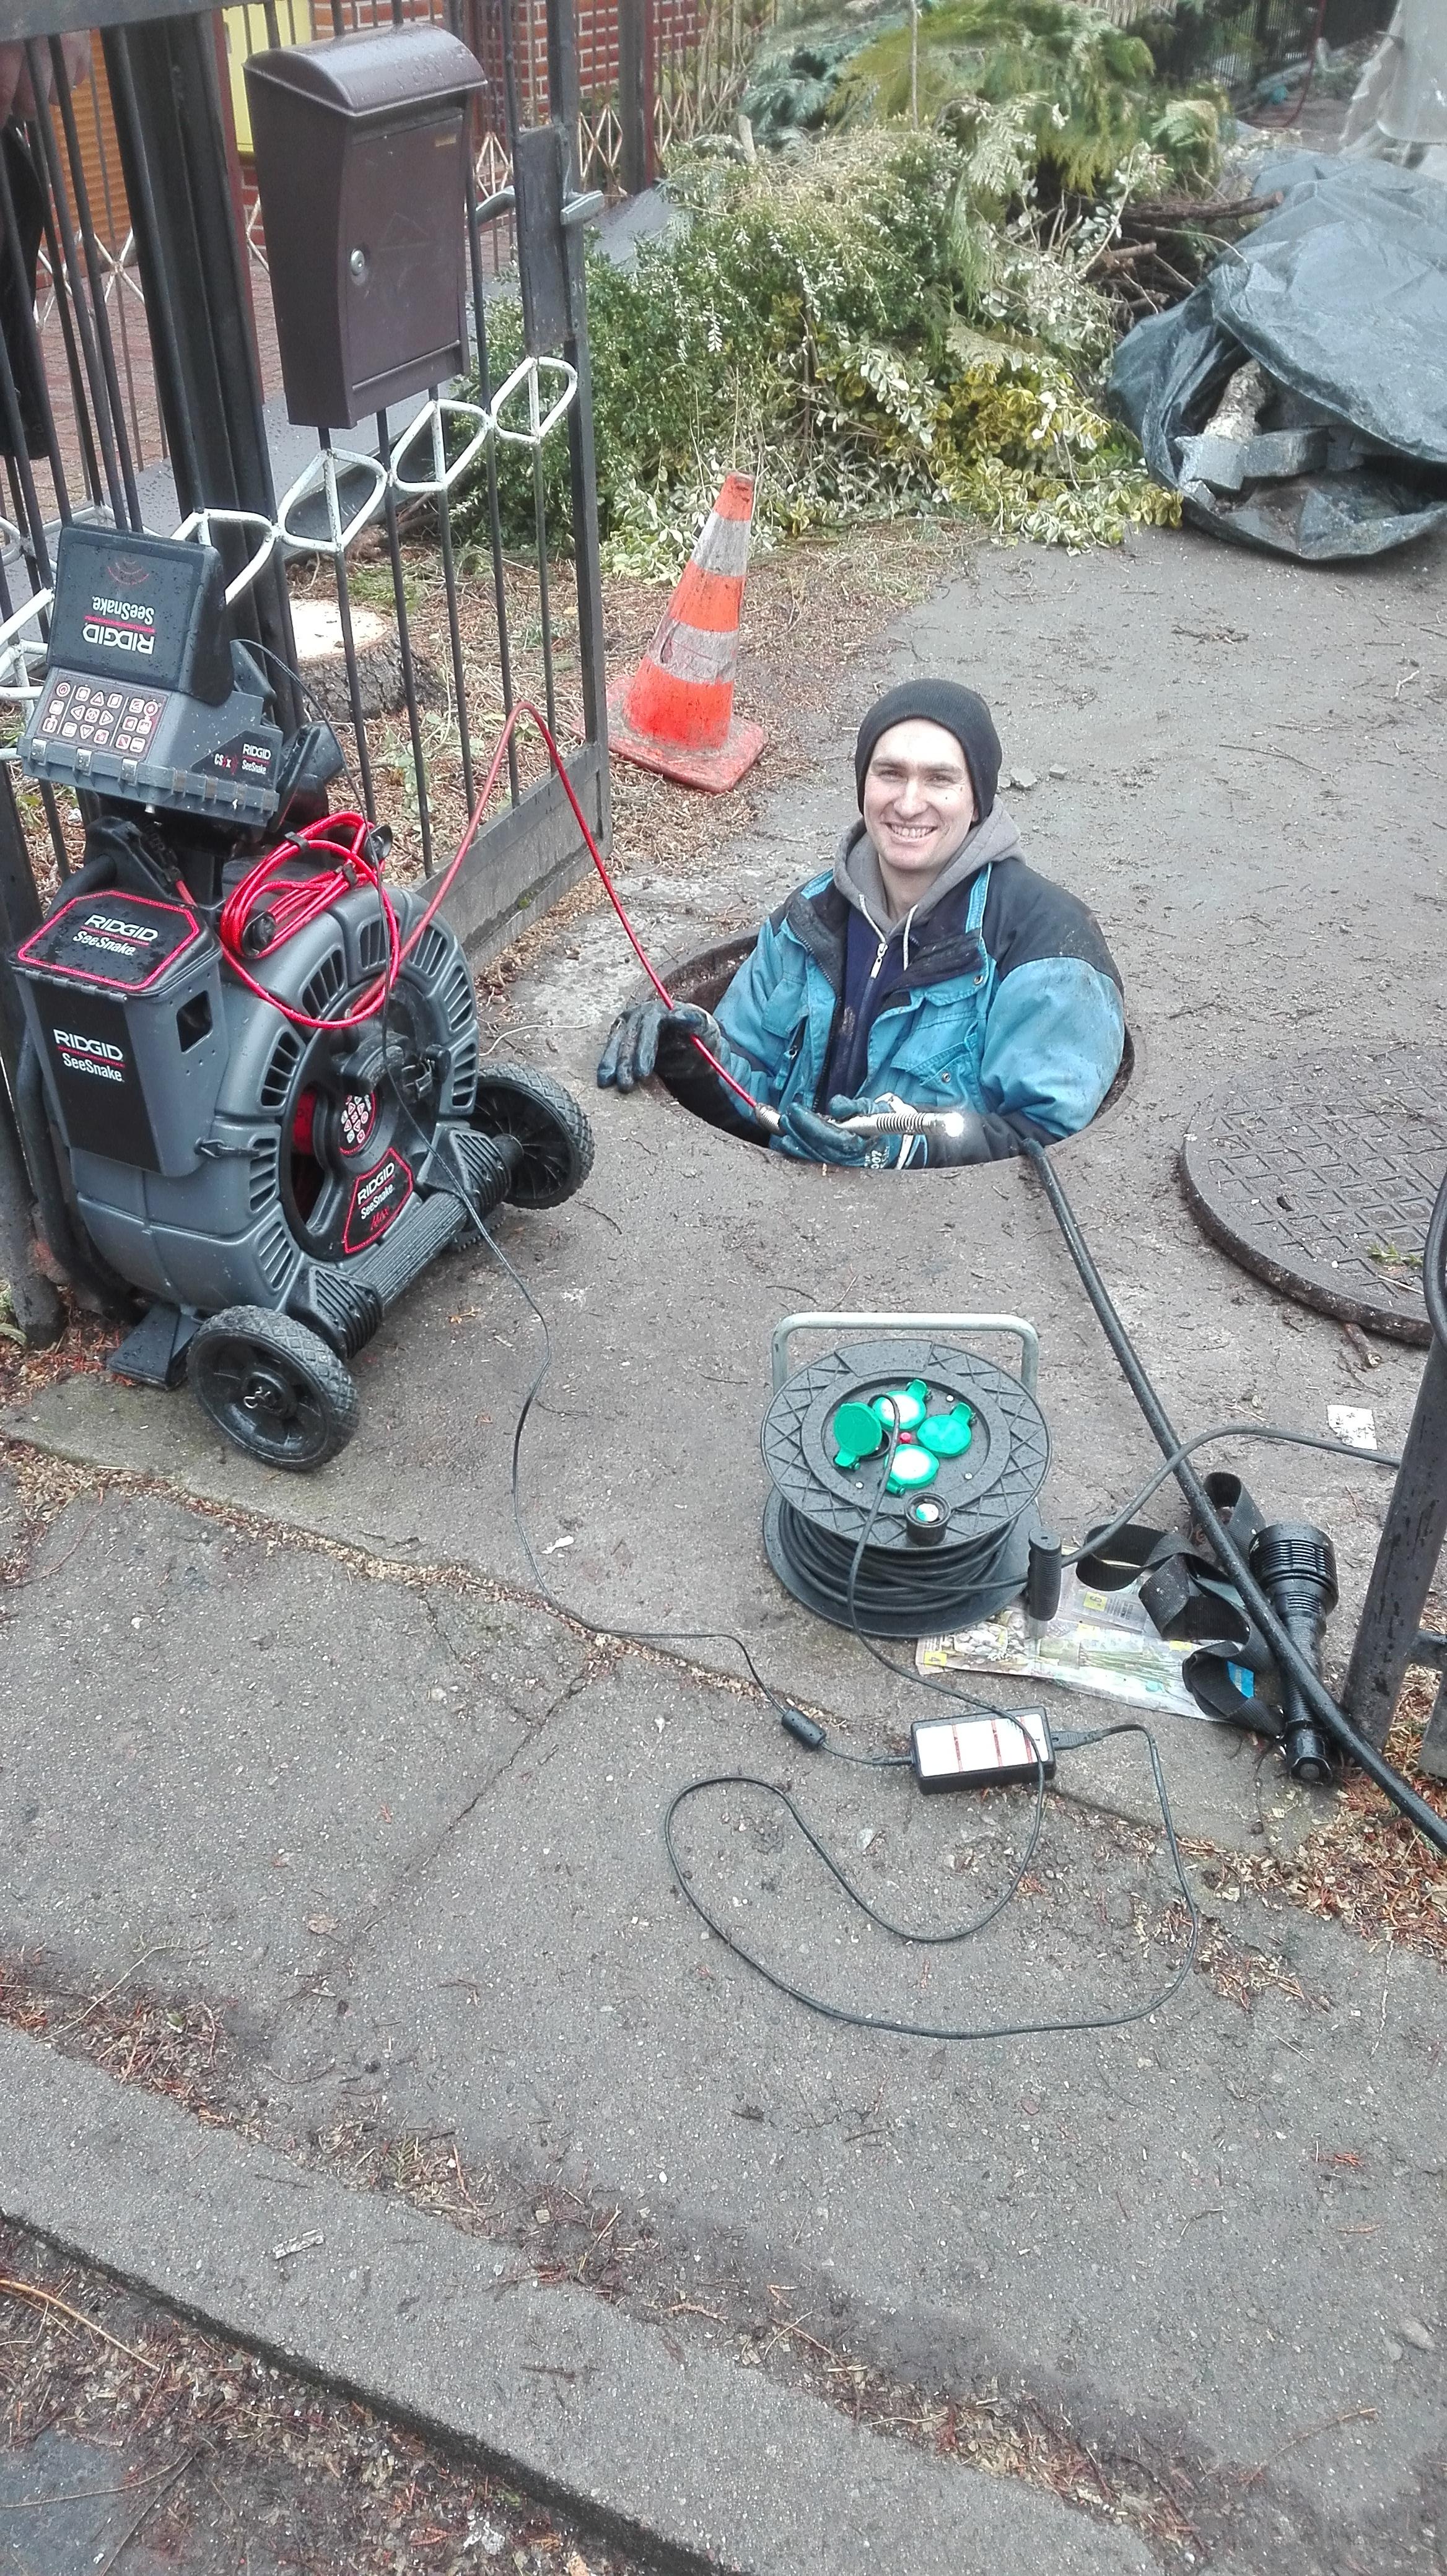 Video inspekcja kanalizacji kamerą ridgid szczecin i okolice